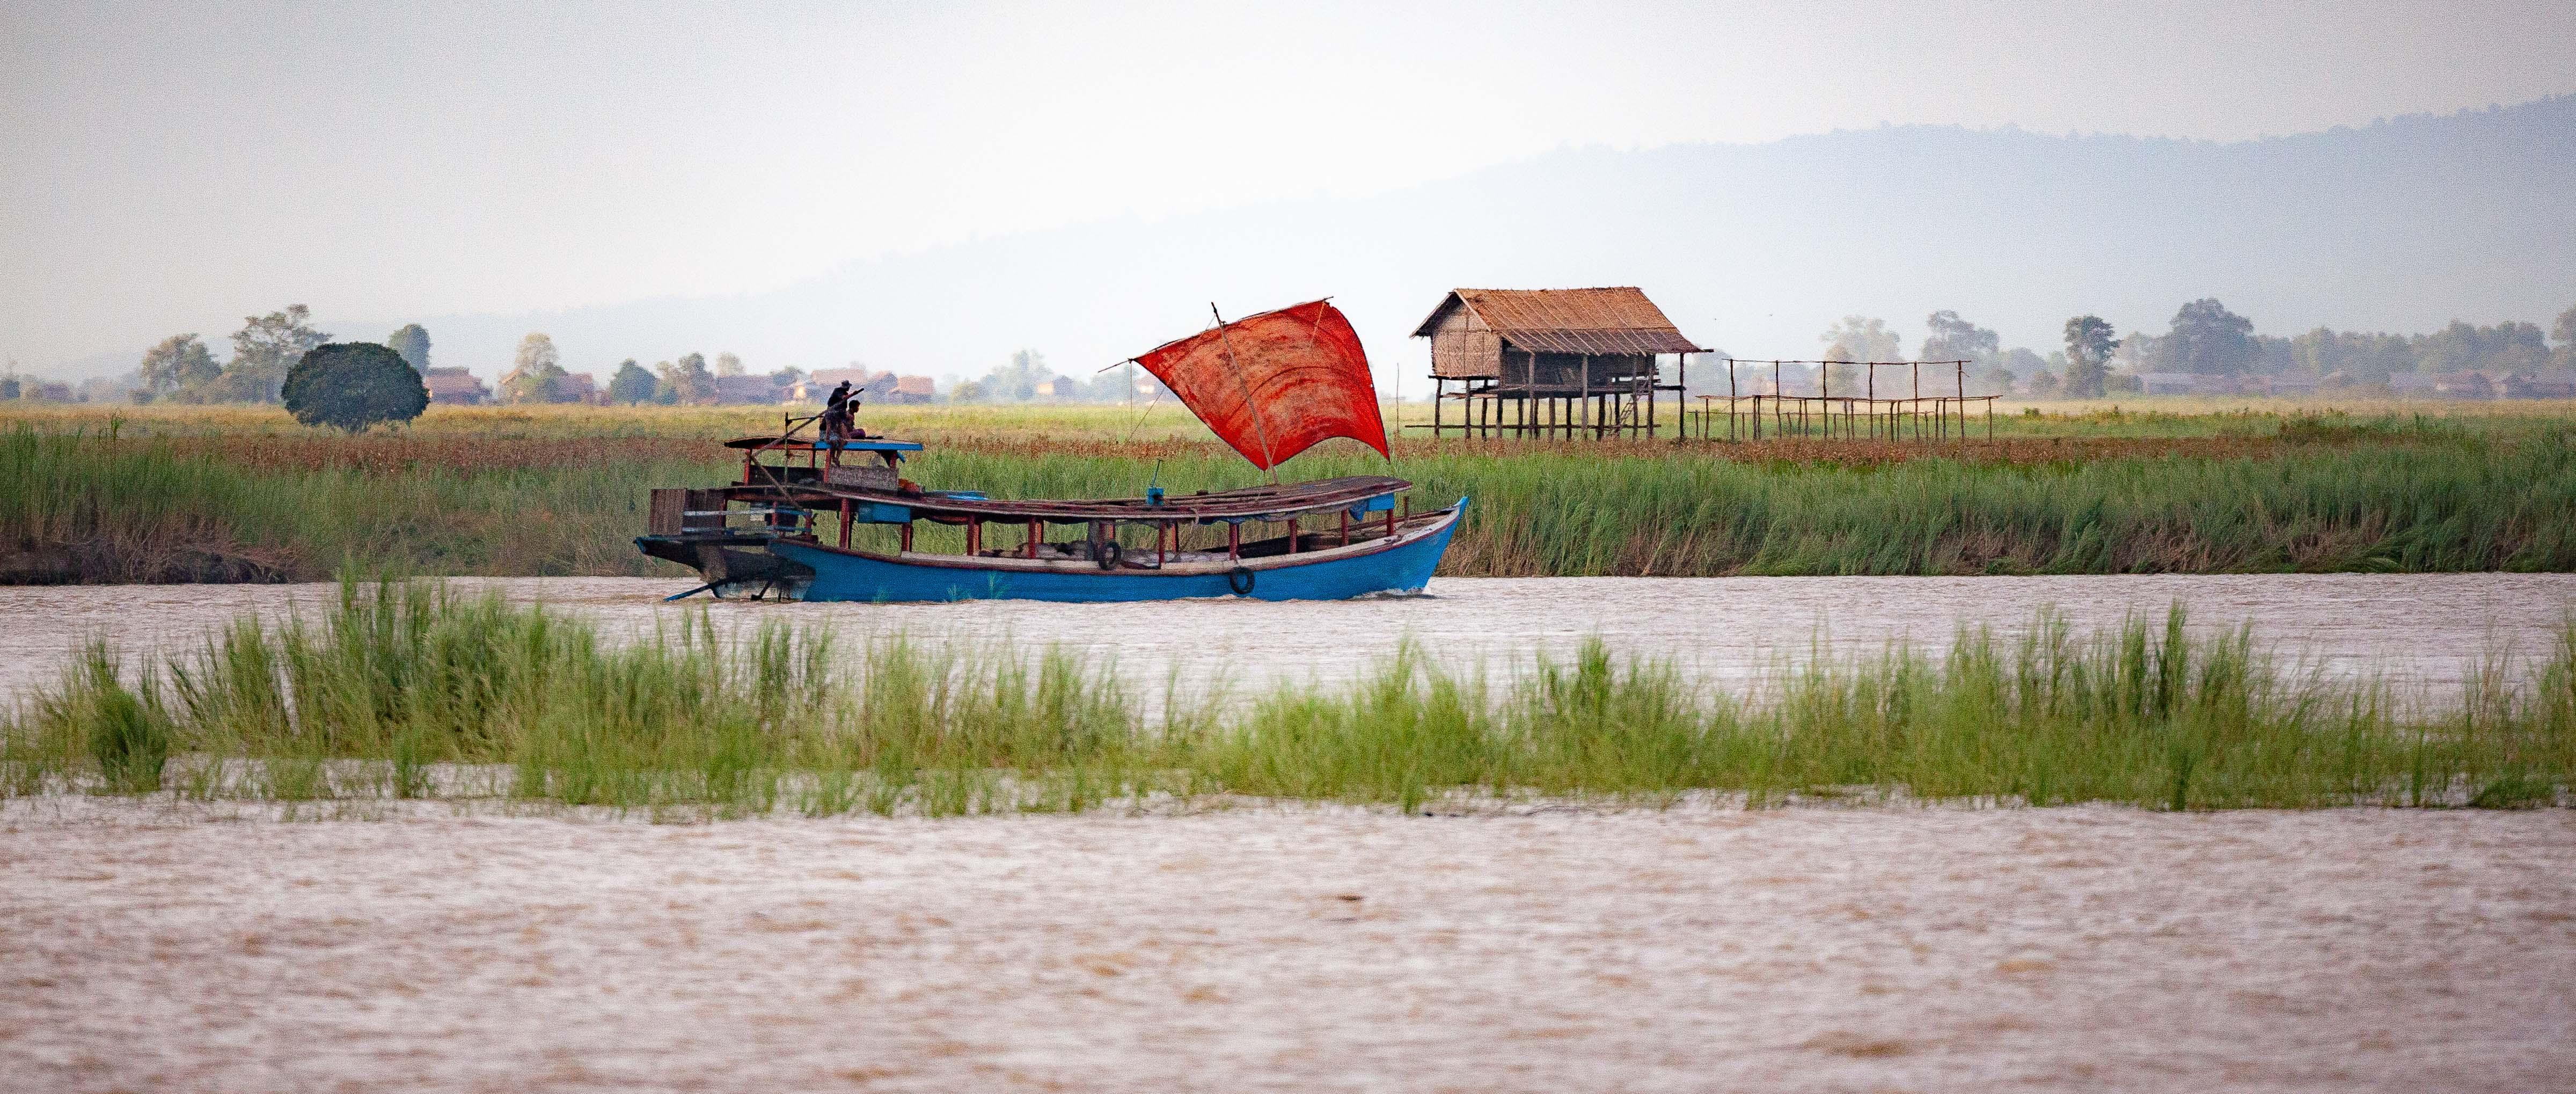 Myanmar, Unknown Prov, Boat Scene, 2009, IMG 3970